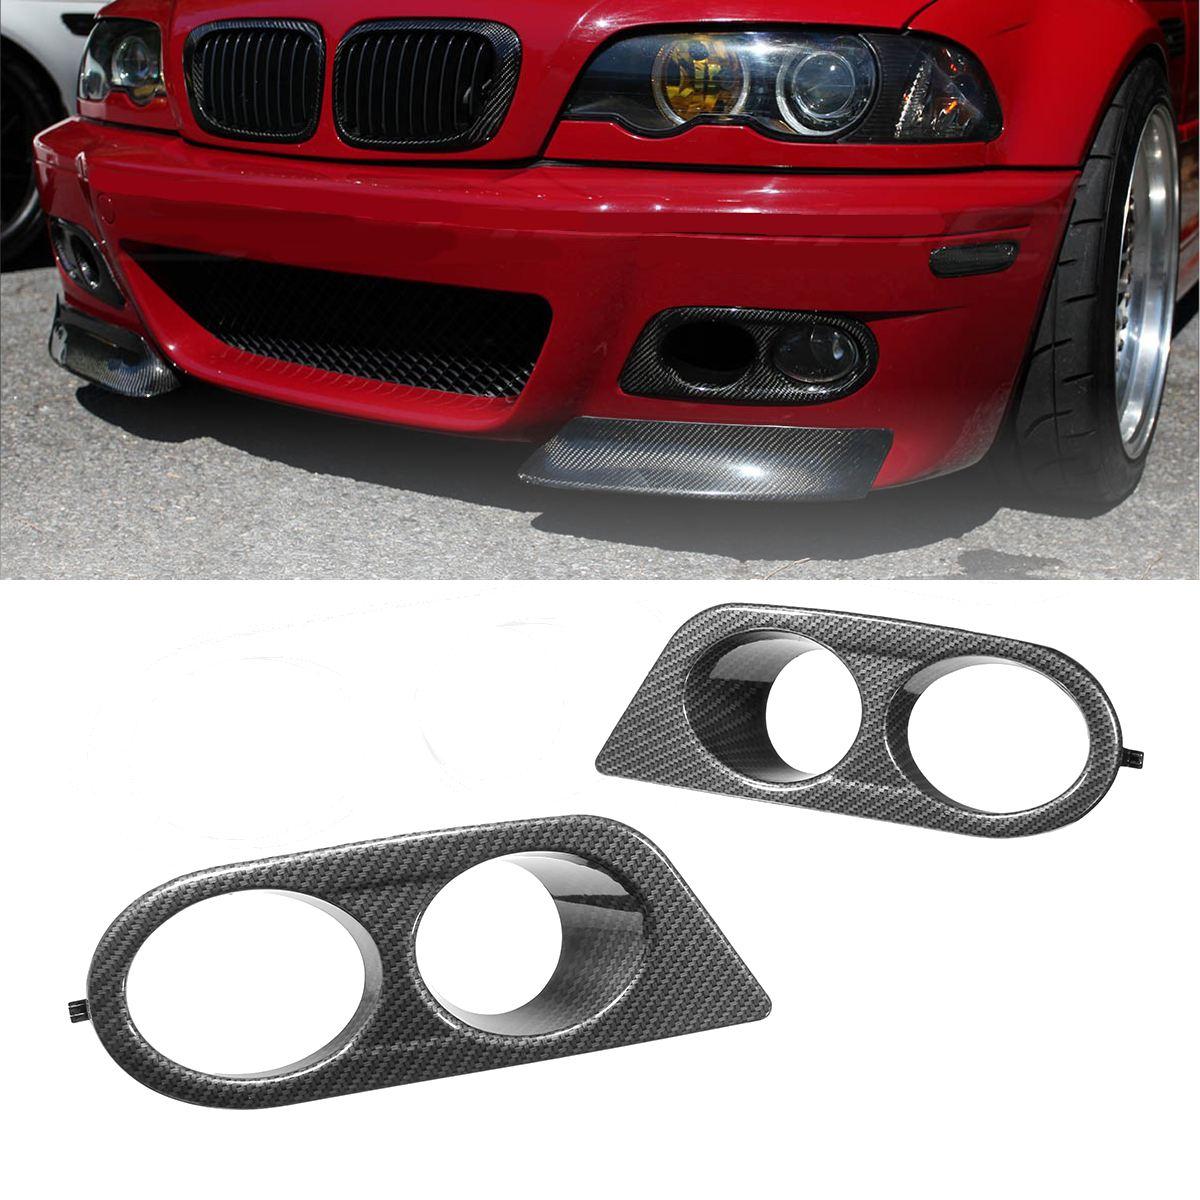 Paar Auto Mistlamp Covers Surround Luchtkanaal Voor BMW E46 M3 2001-2006 Carbon Fiber Glanzend Zwart